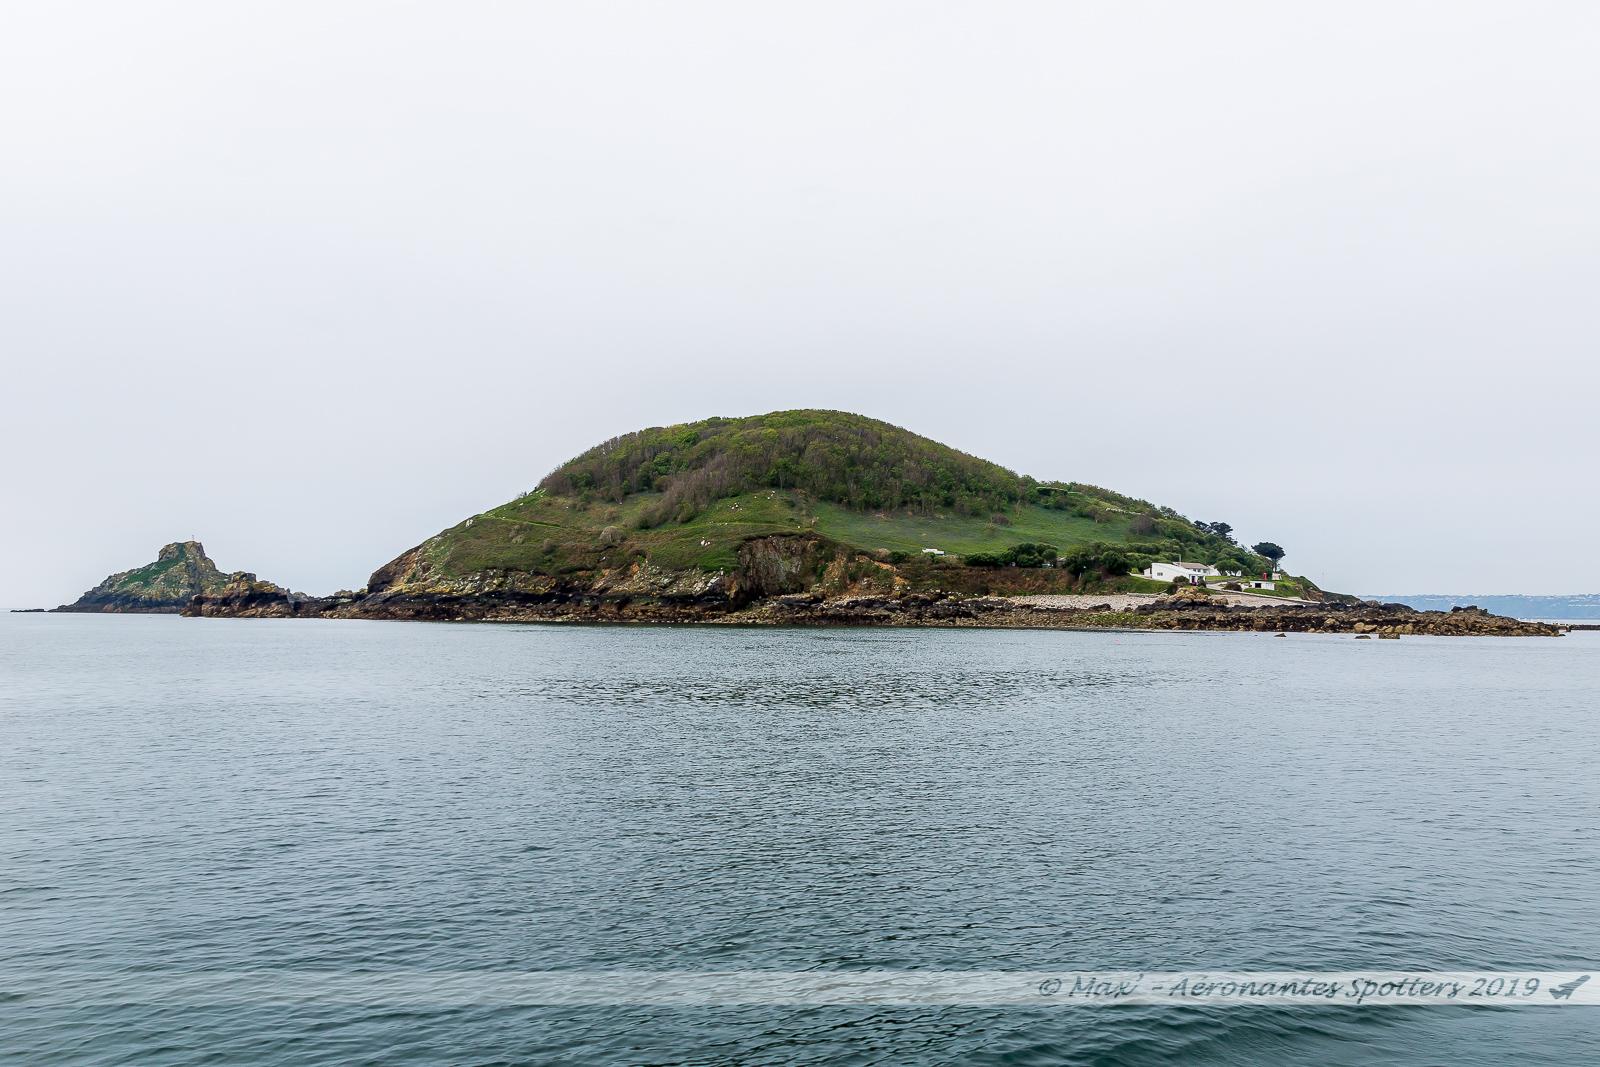 Herm Island - Ilôt de Jethou